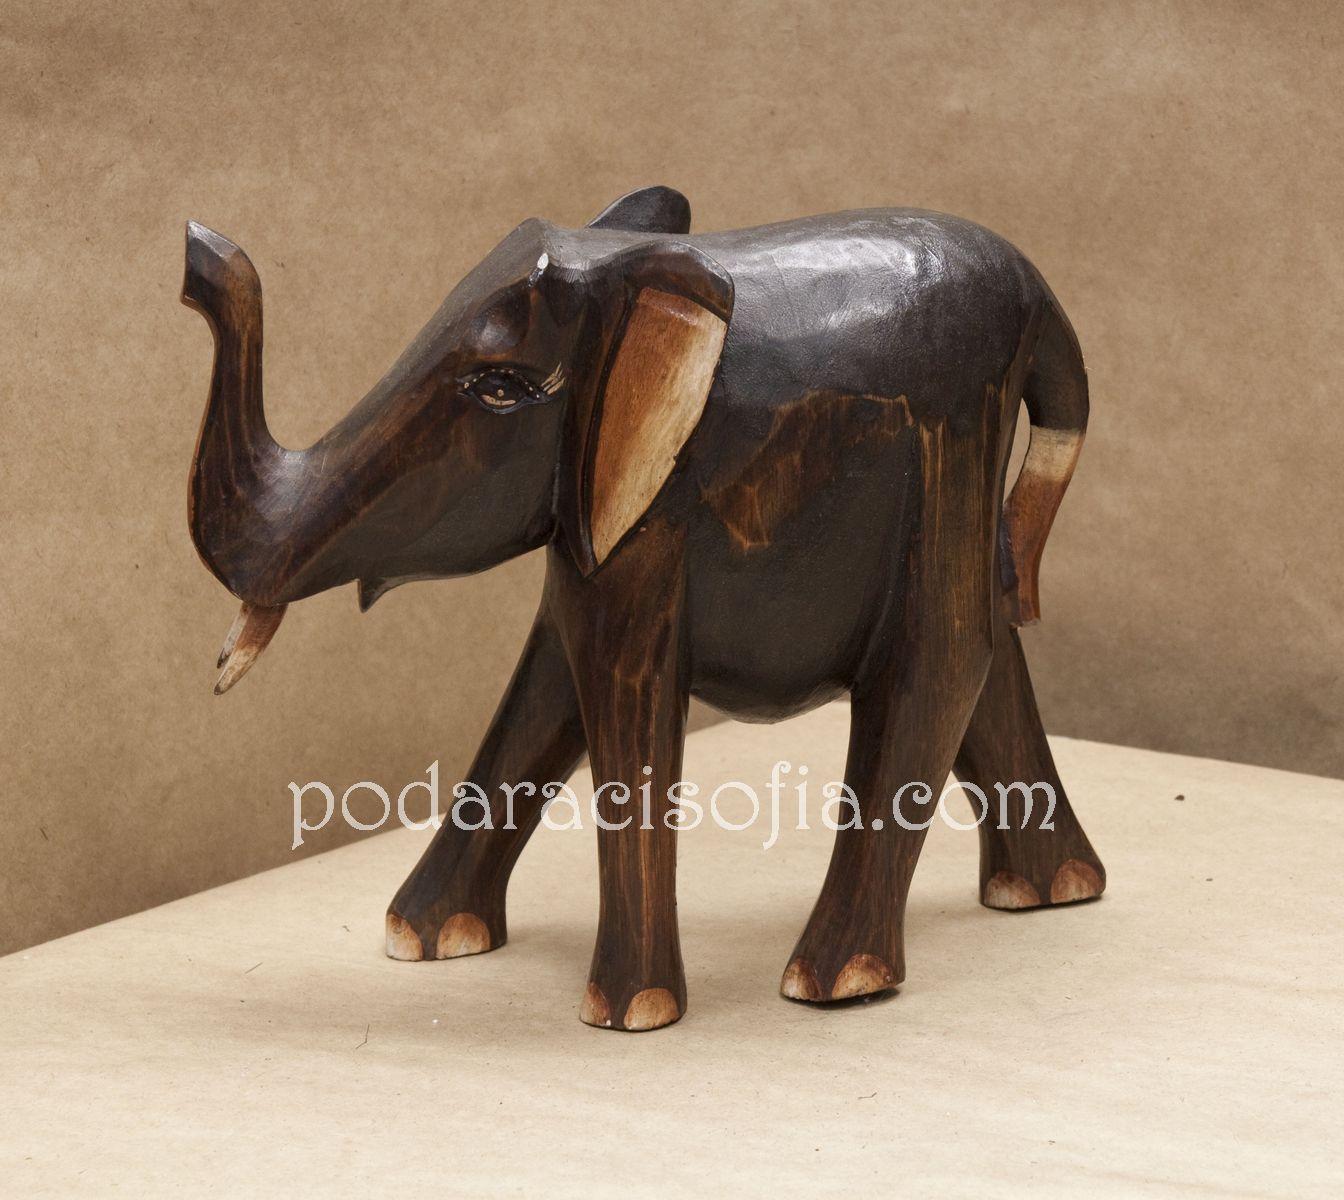 Екзотичен слон от дърво с вирнат хобот за късмет